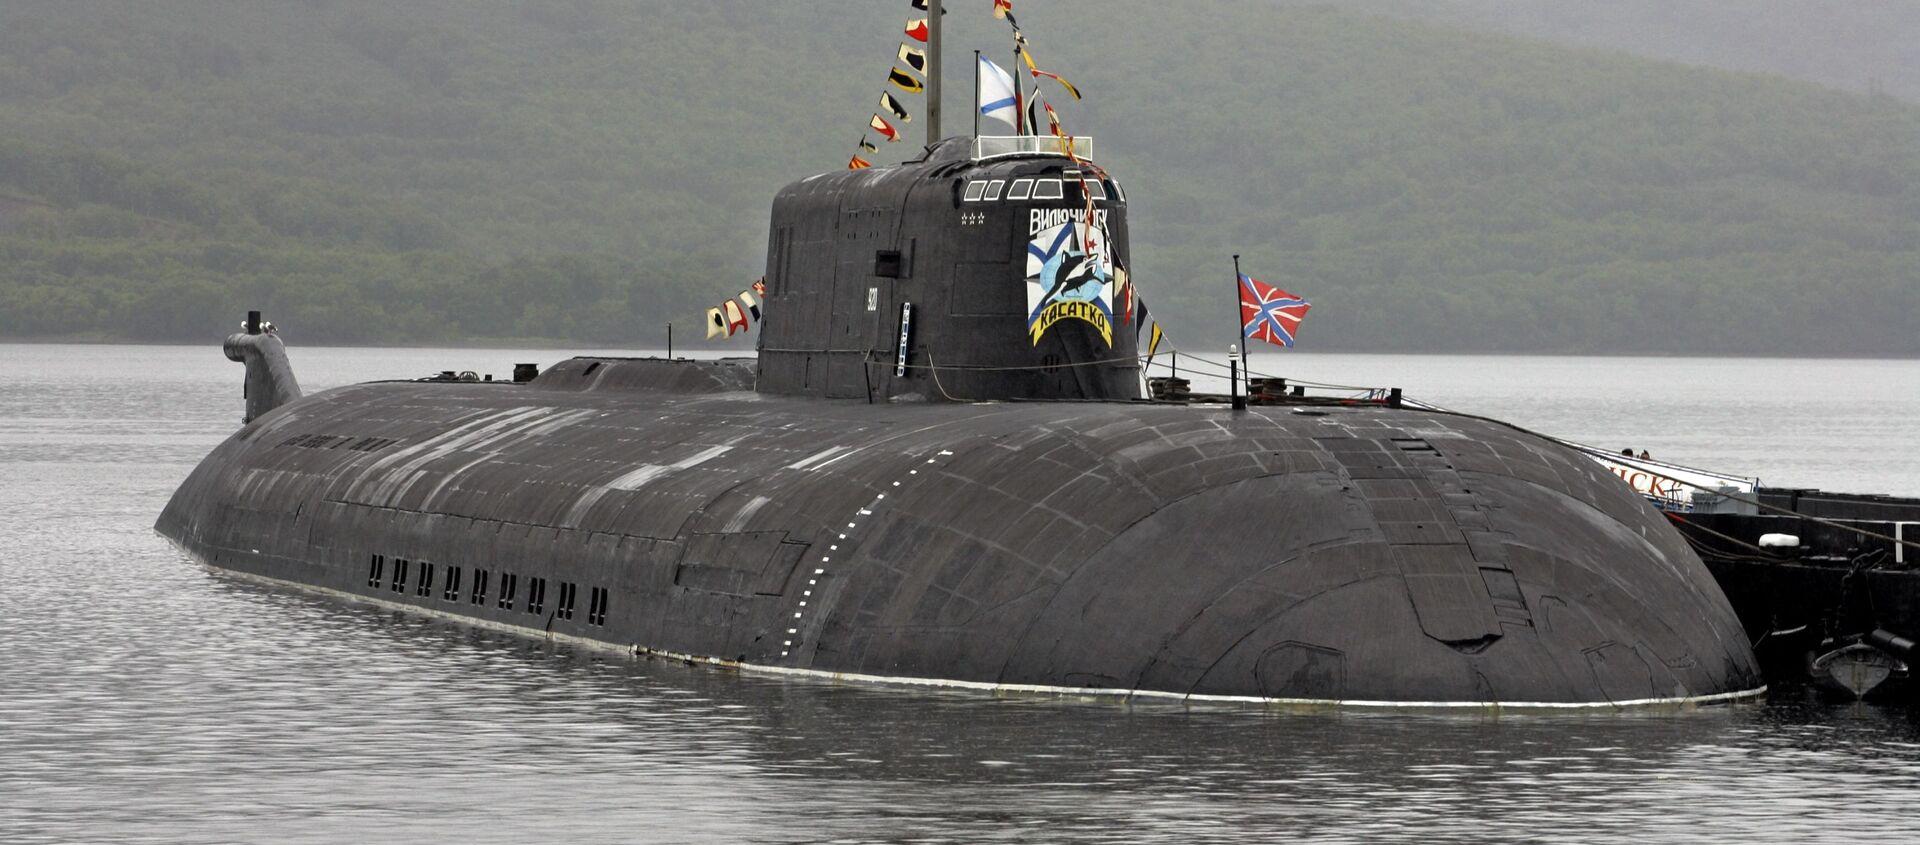 Tàu ngầm hạt nhân Antei - Sputnik Việt Nam, 1920, 19.03.2021